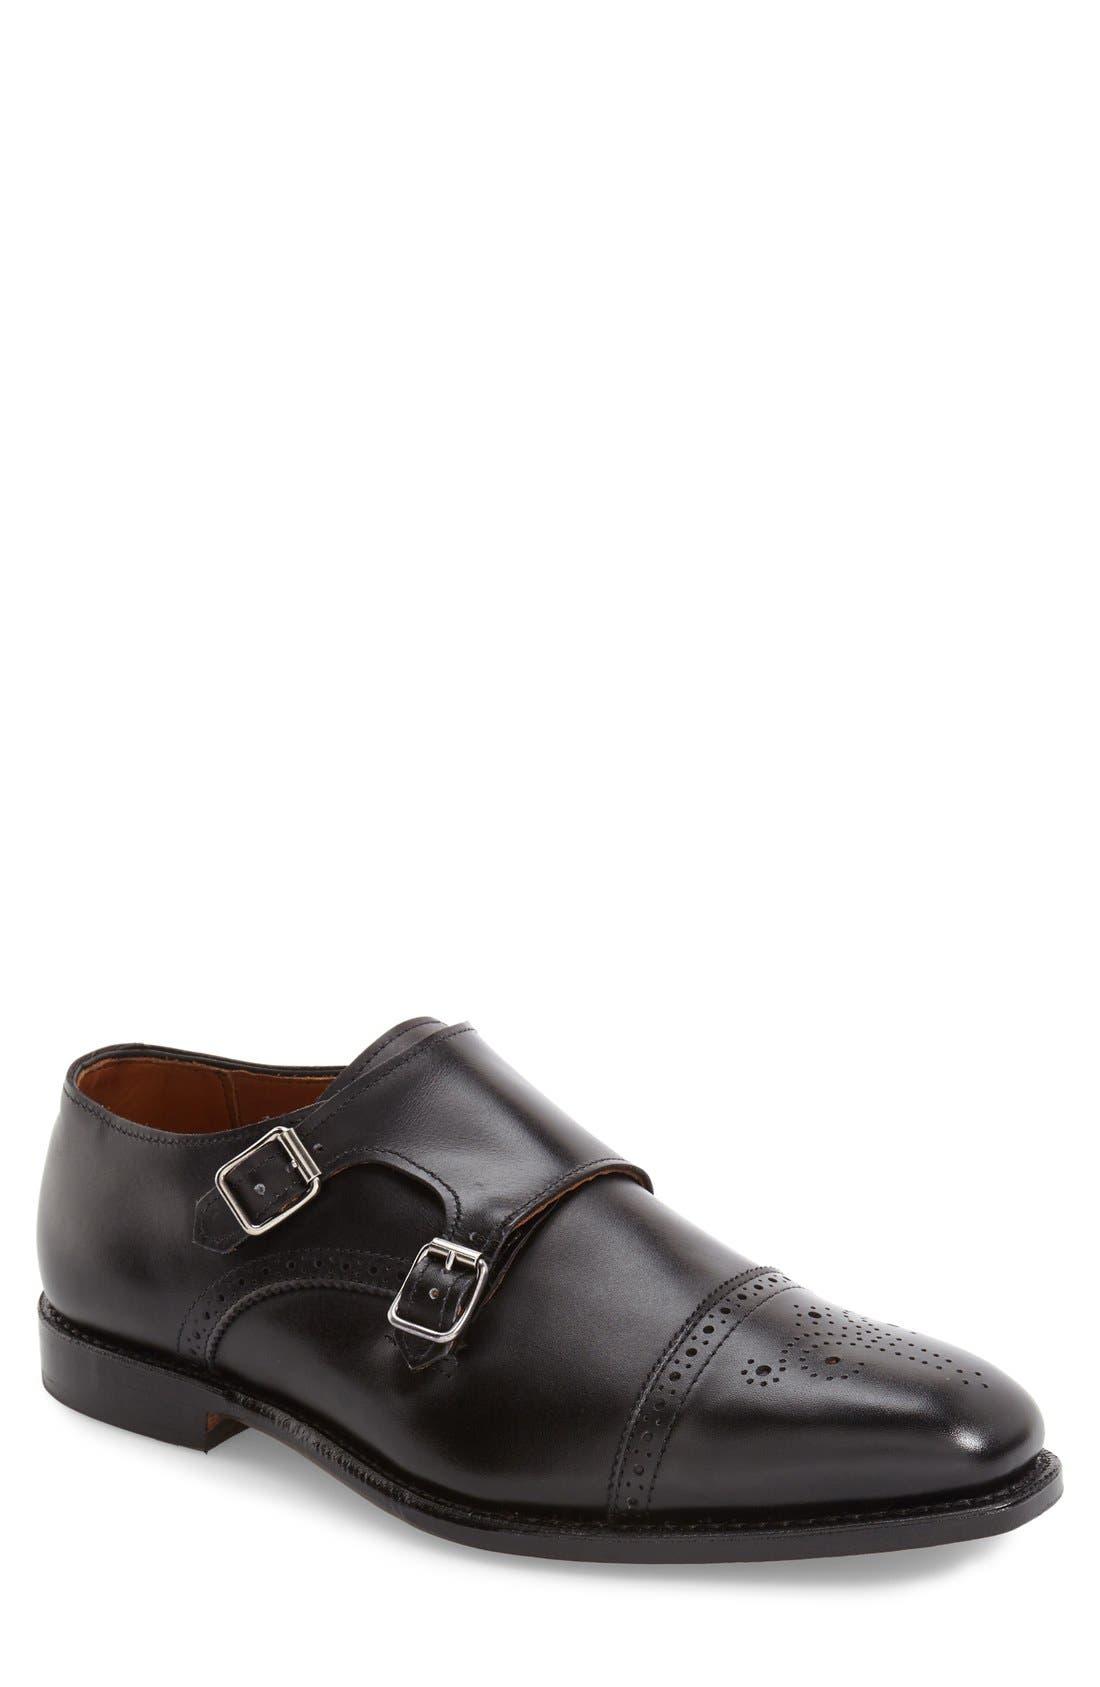 Main Image - Allen Edmonds 'St. Johns' Double Monk Strap Shoe (Men)